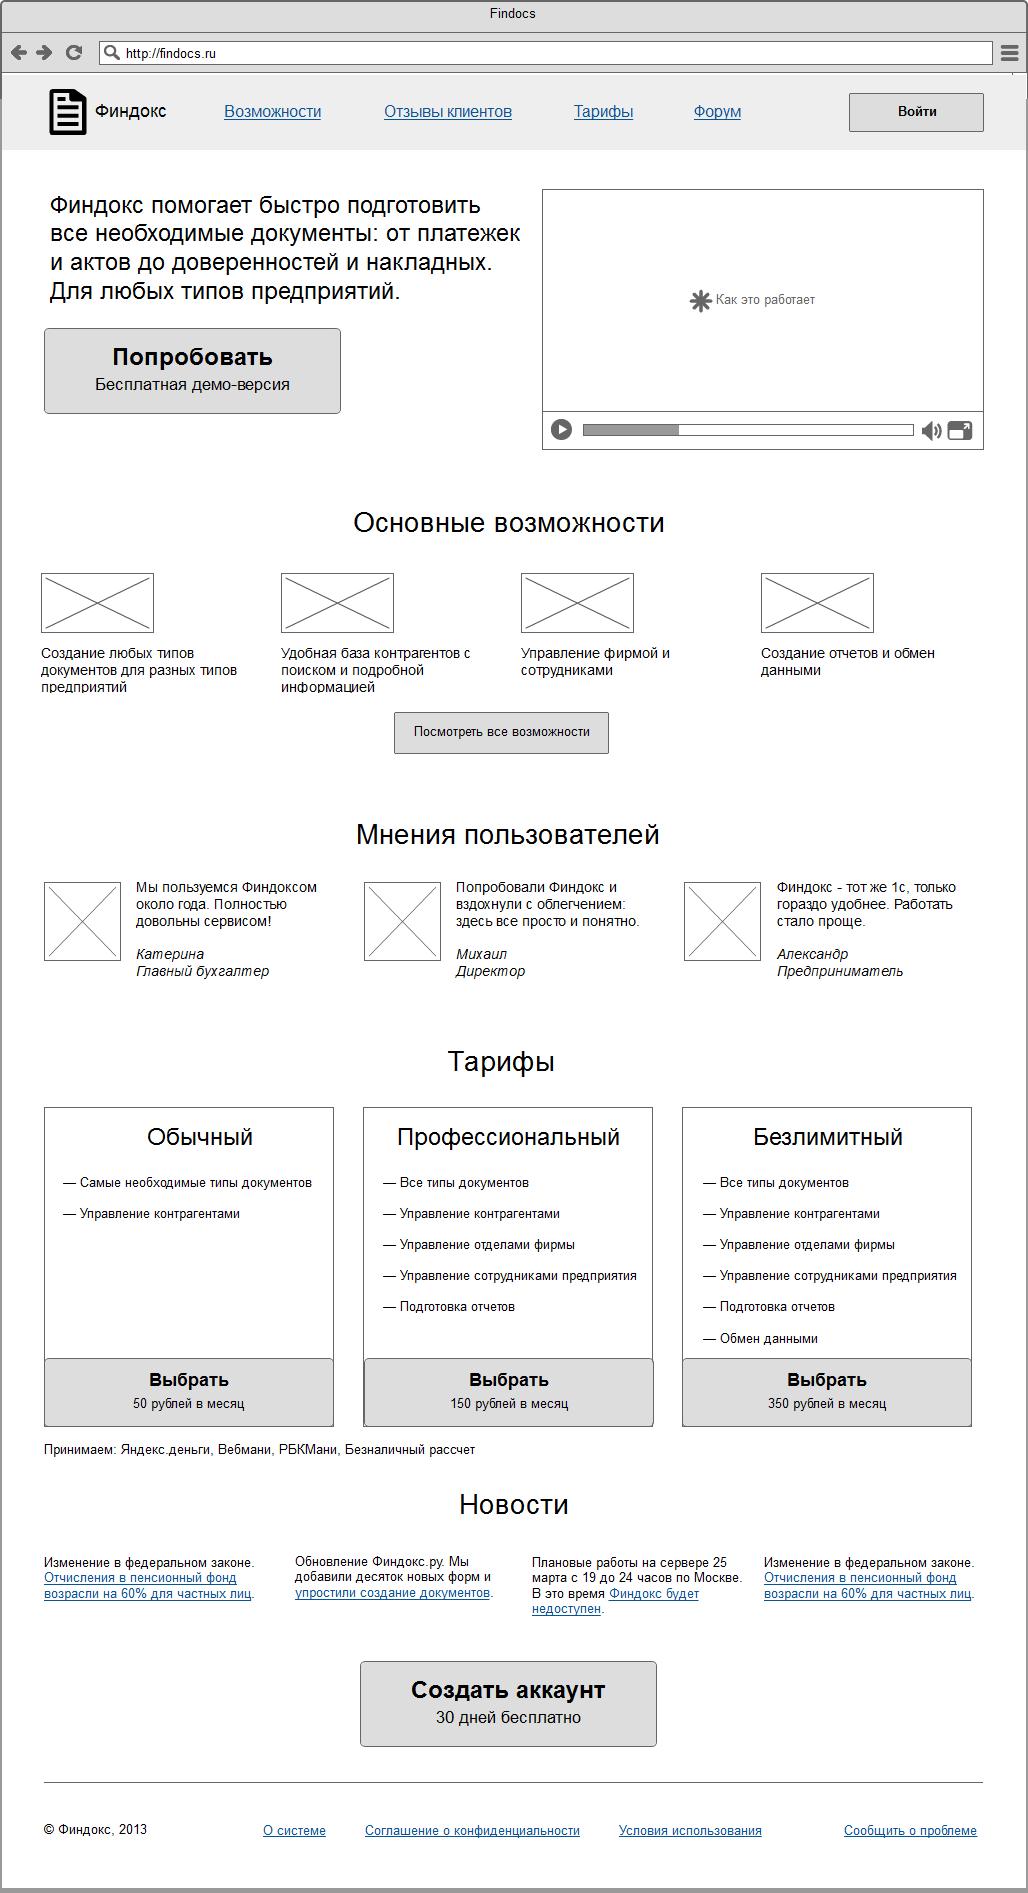 Прототипы сайта «Финдокс» Сайт Артура Нецветаева — сайты, приложения, прототипы и оформление интерфейсов main 1